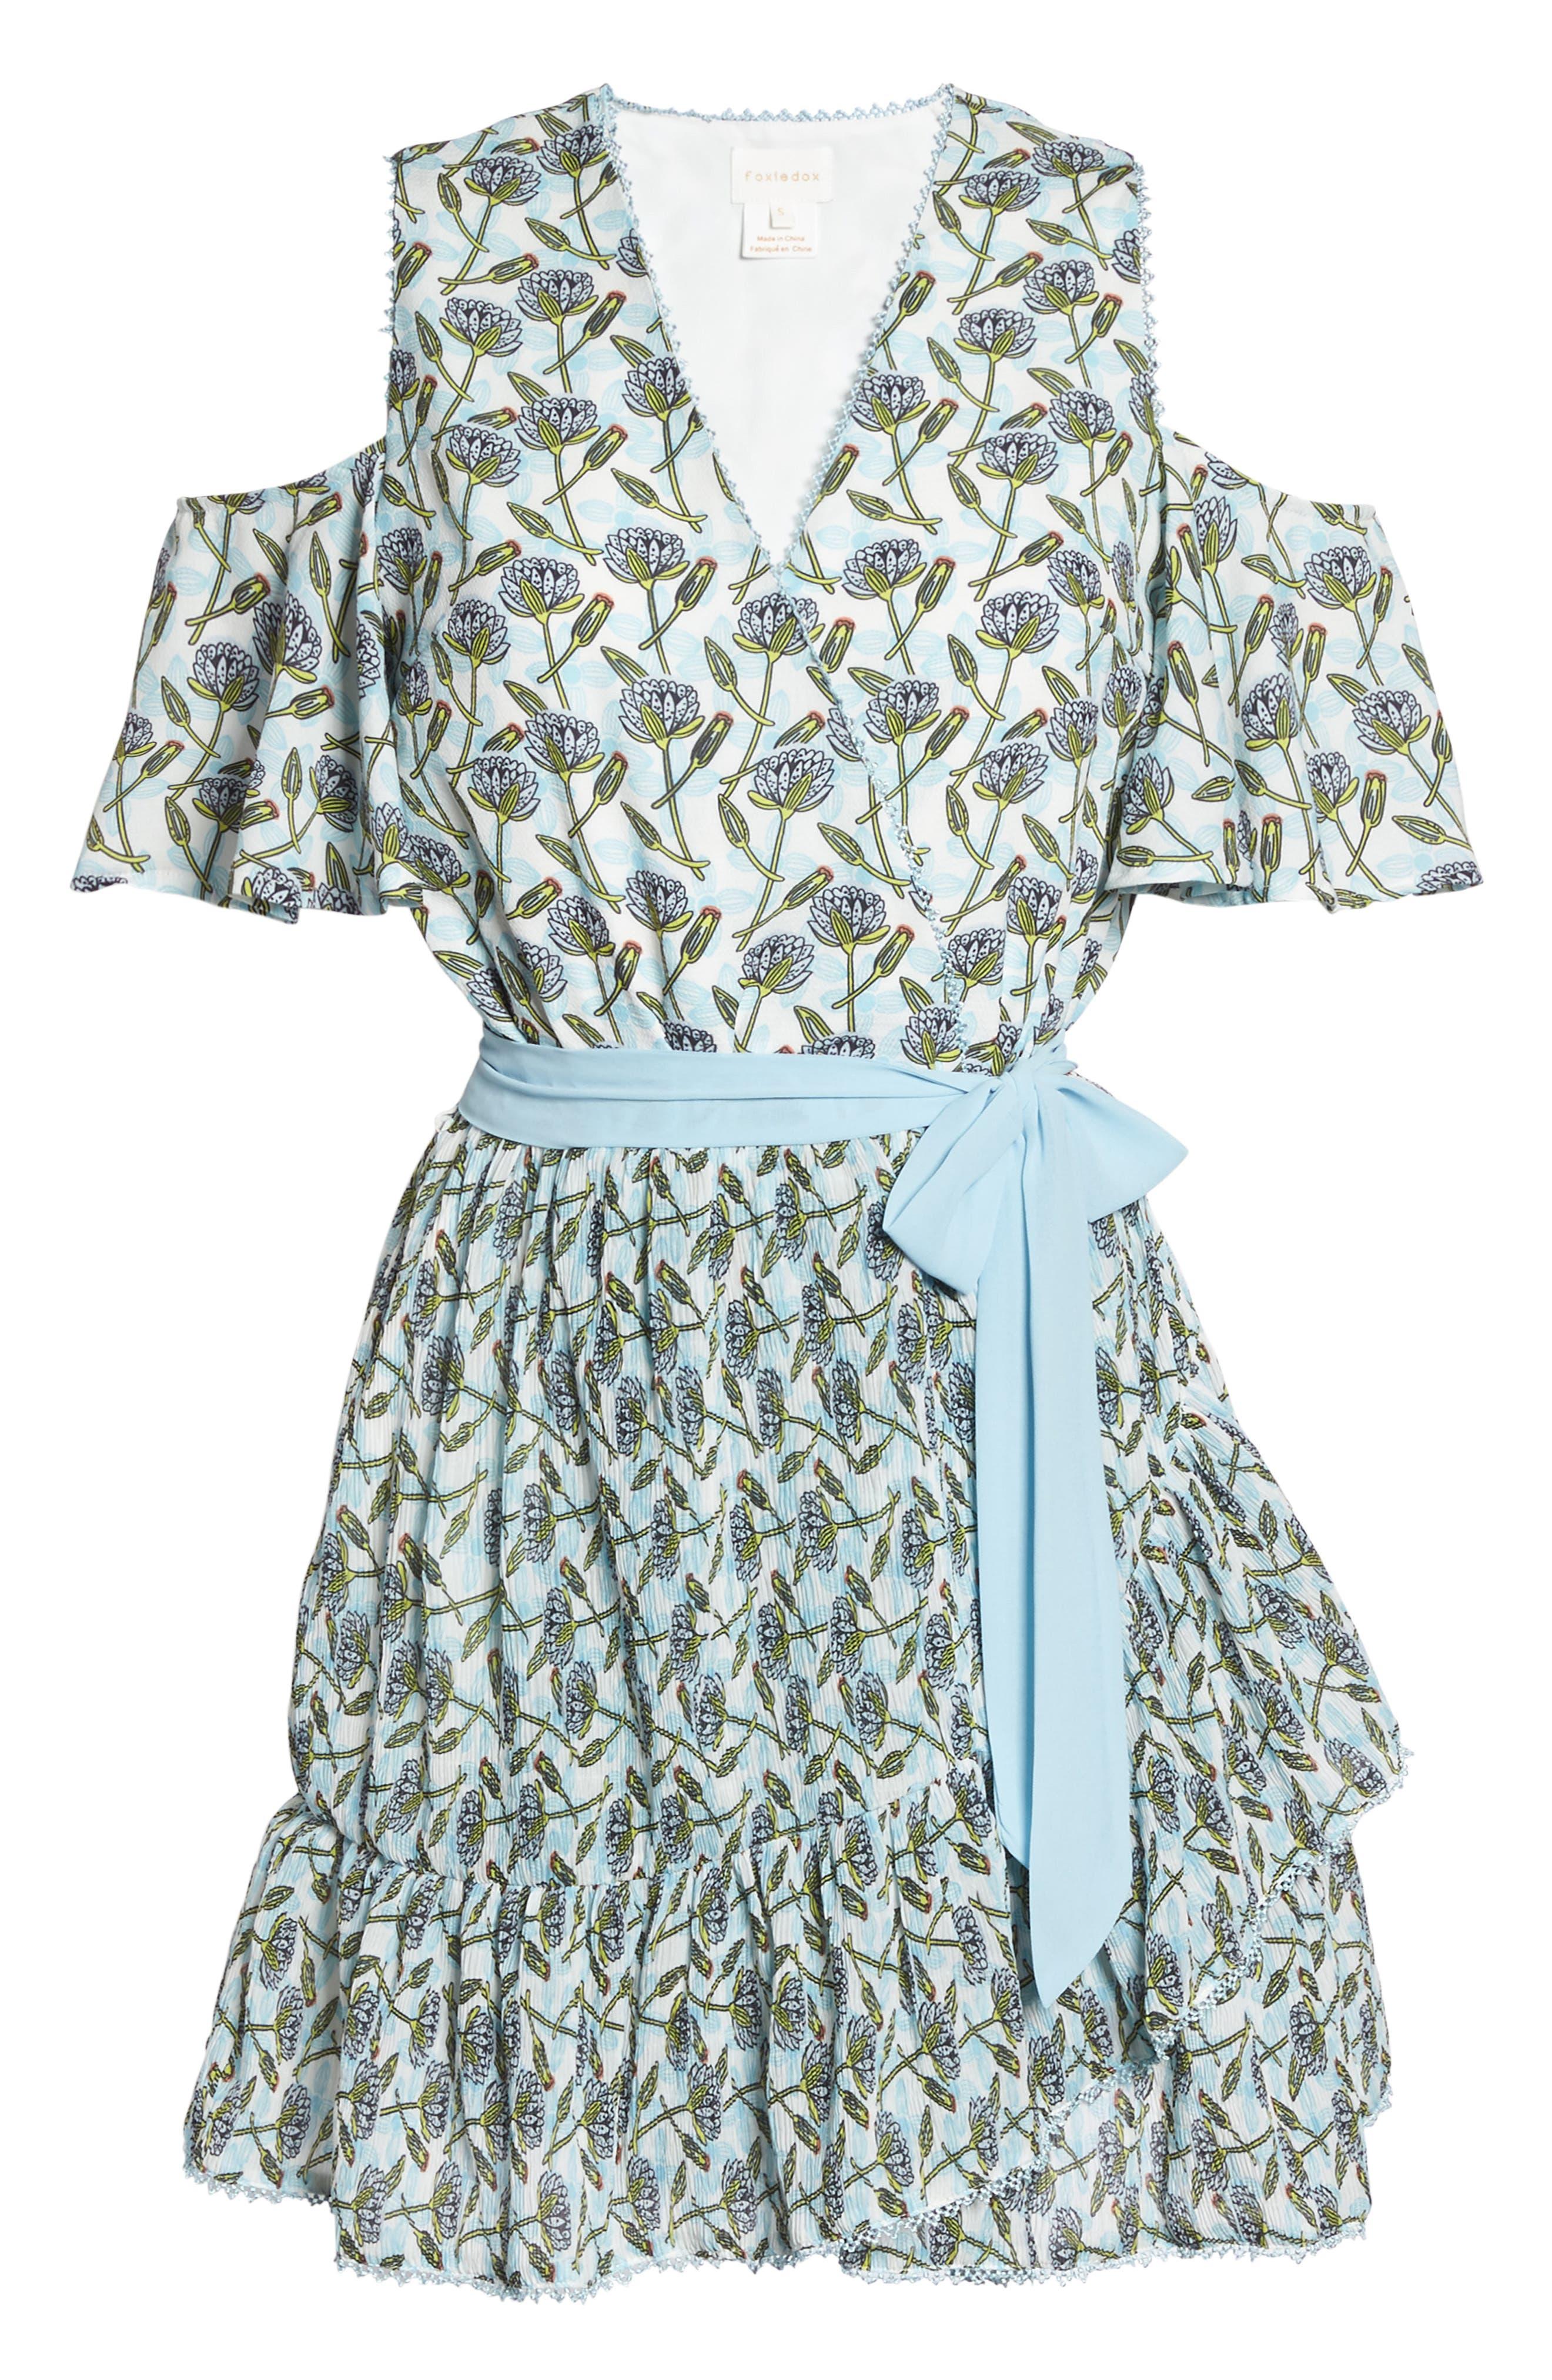 Lexie Cold Shoulder Wrap Dress,                             Alternate thumbnail 6, color,                             400